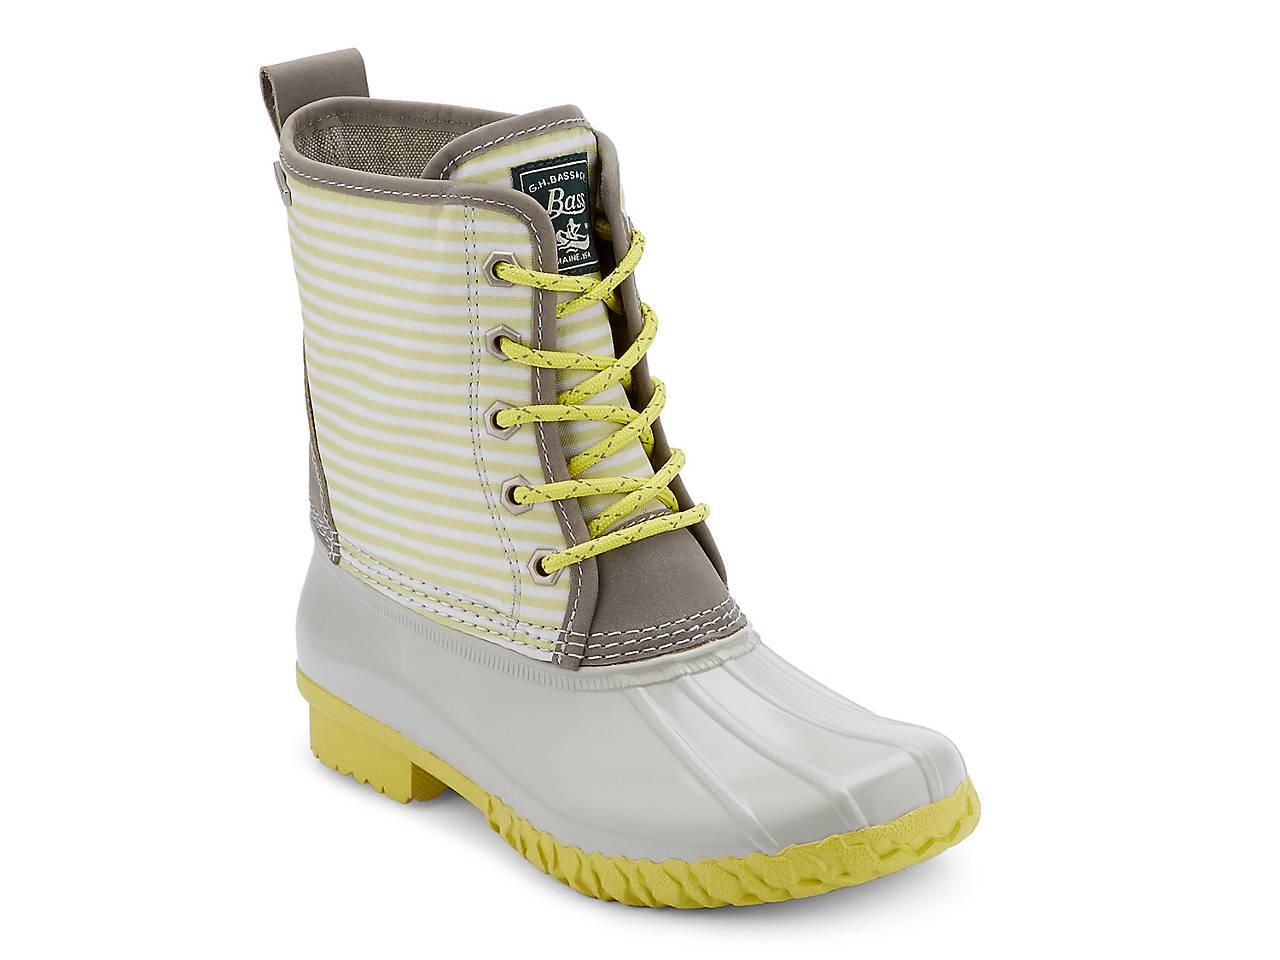 Bass Shoes Womens Duck Boots